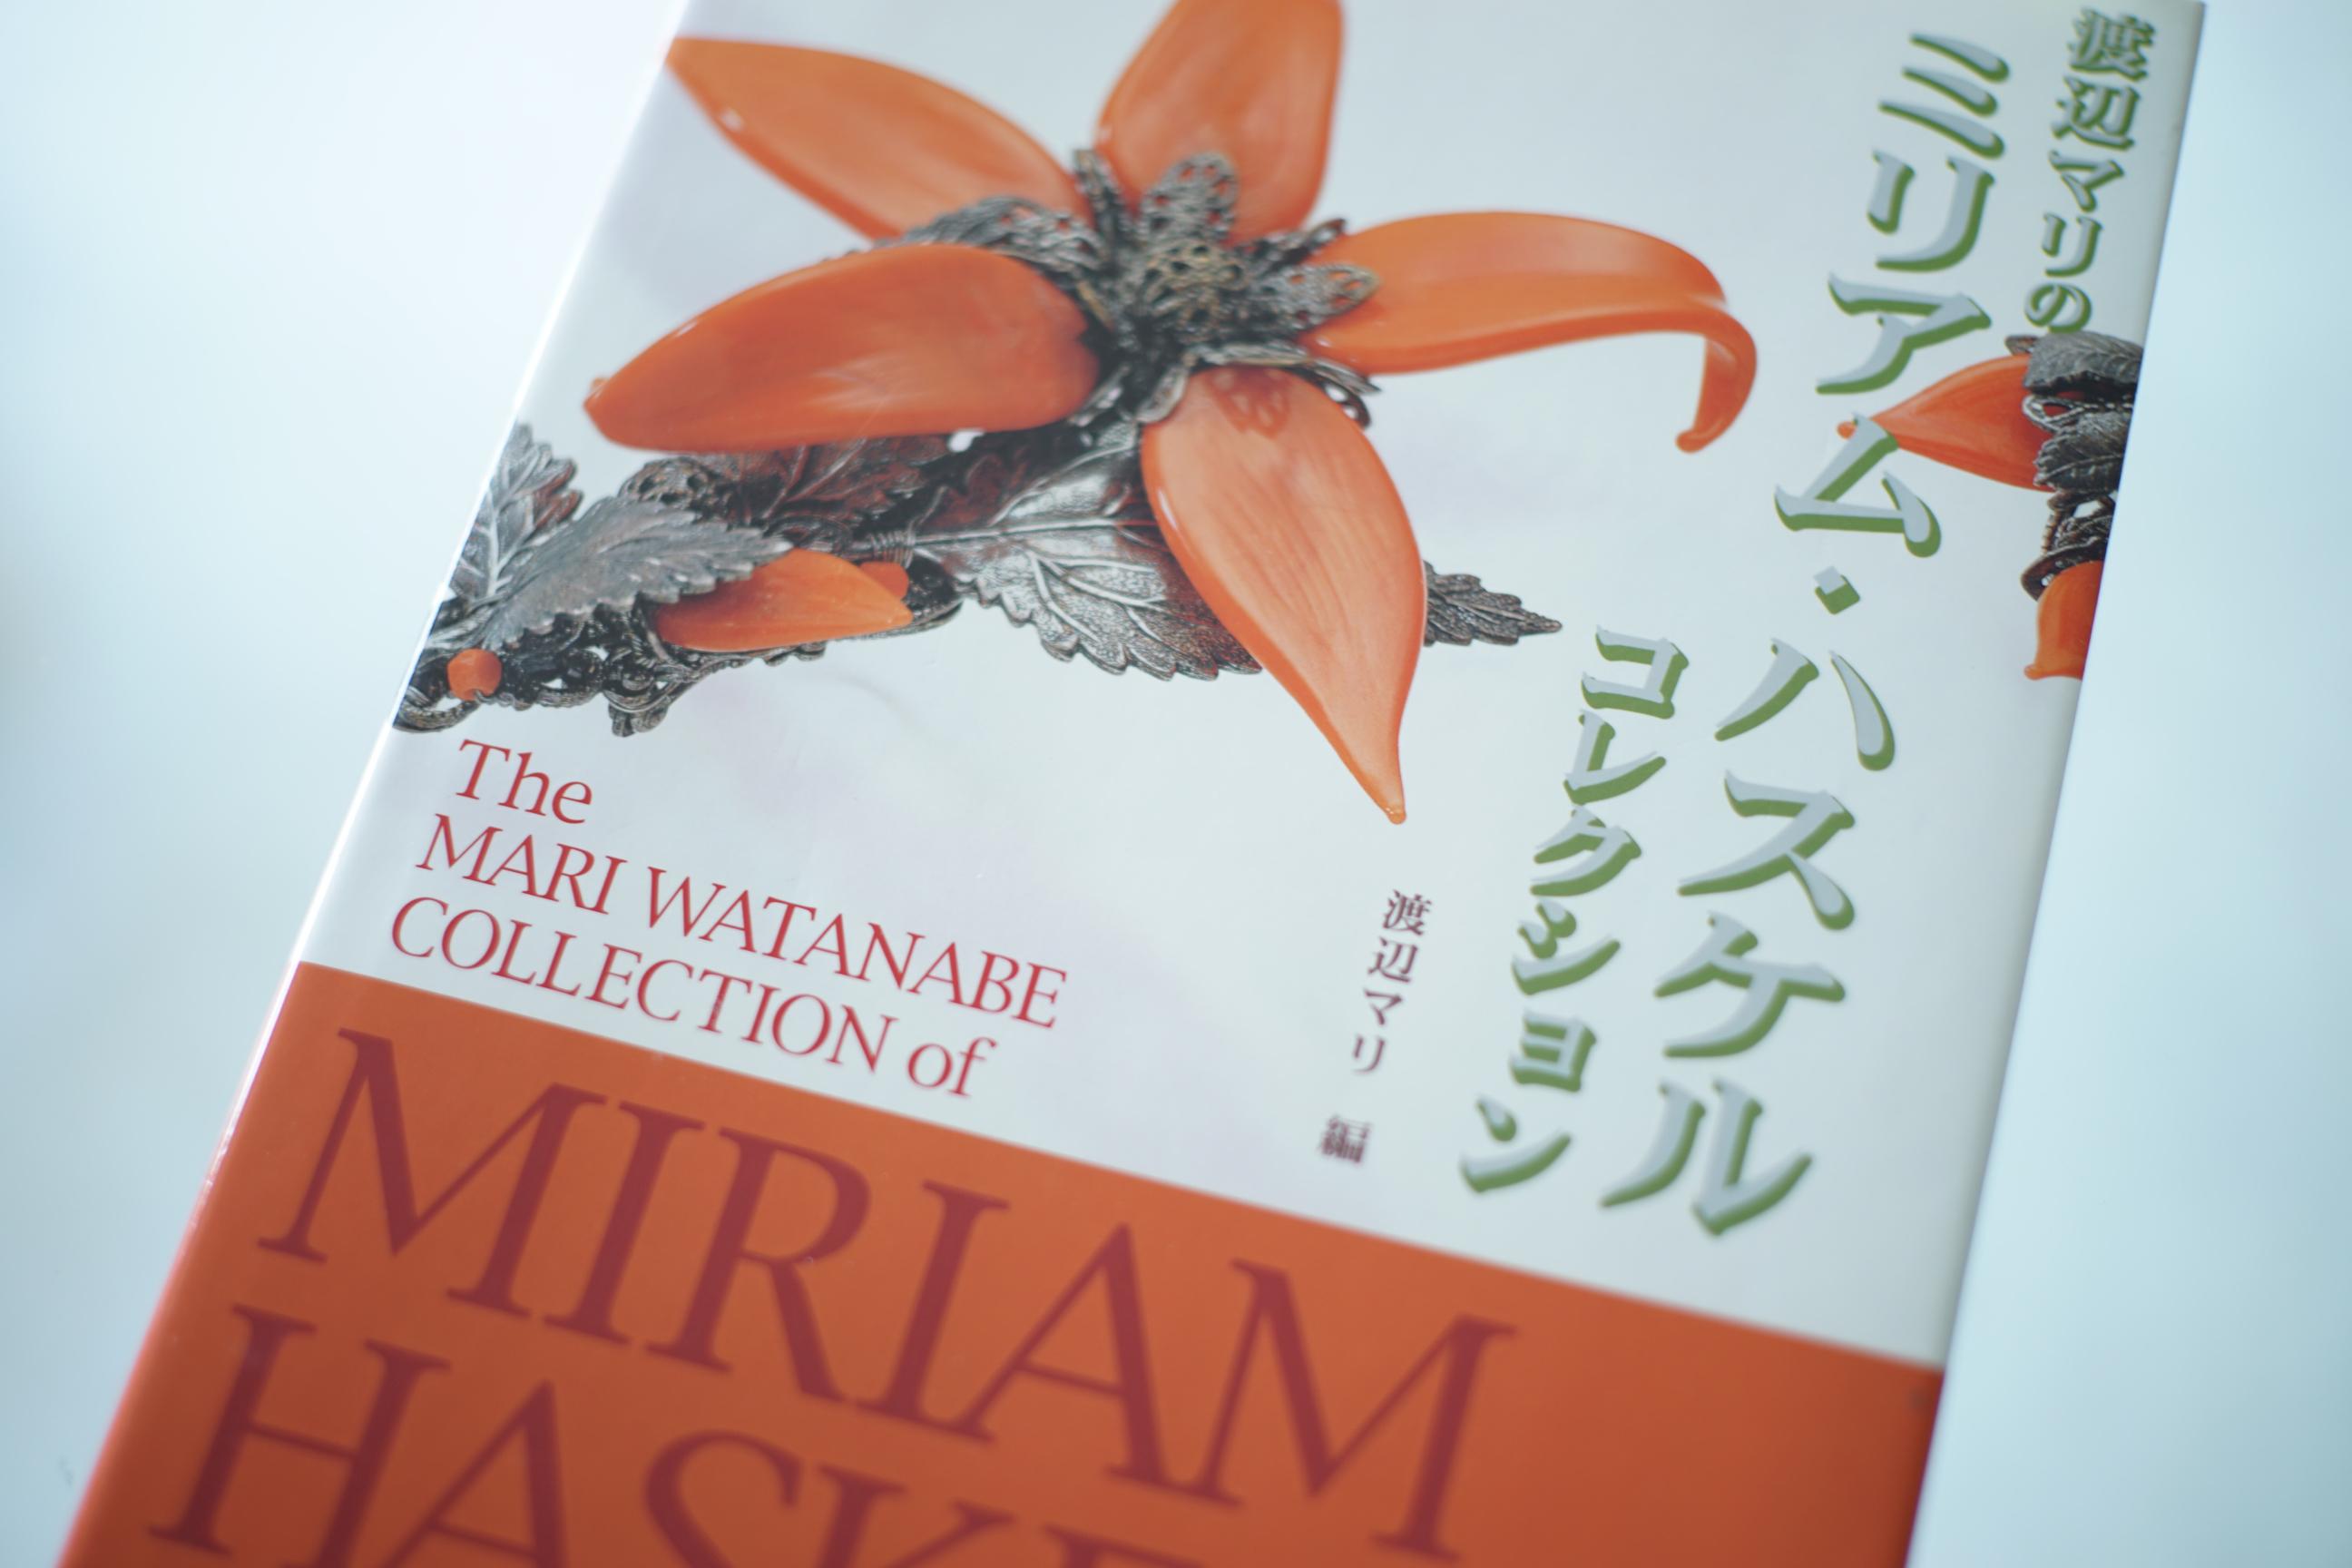 渡辺マリのミリアム・ハスケルコレクション